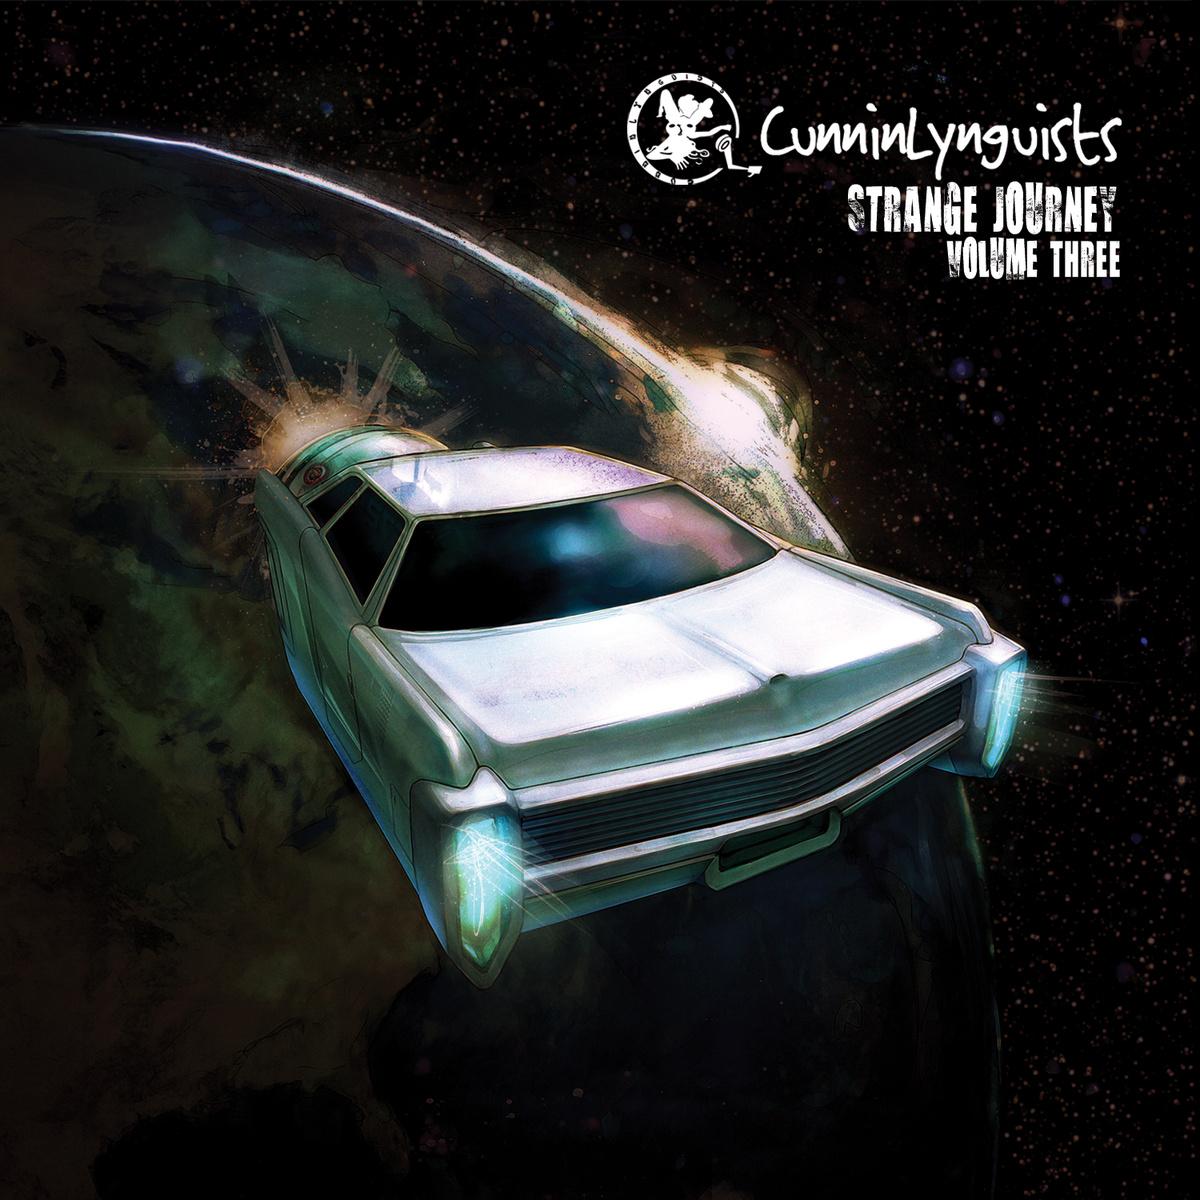 Κριτική Δίσκου: Cunninlynguists – Strange Journey Volume 3